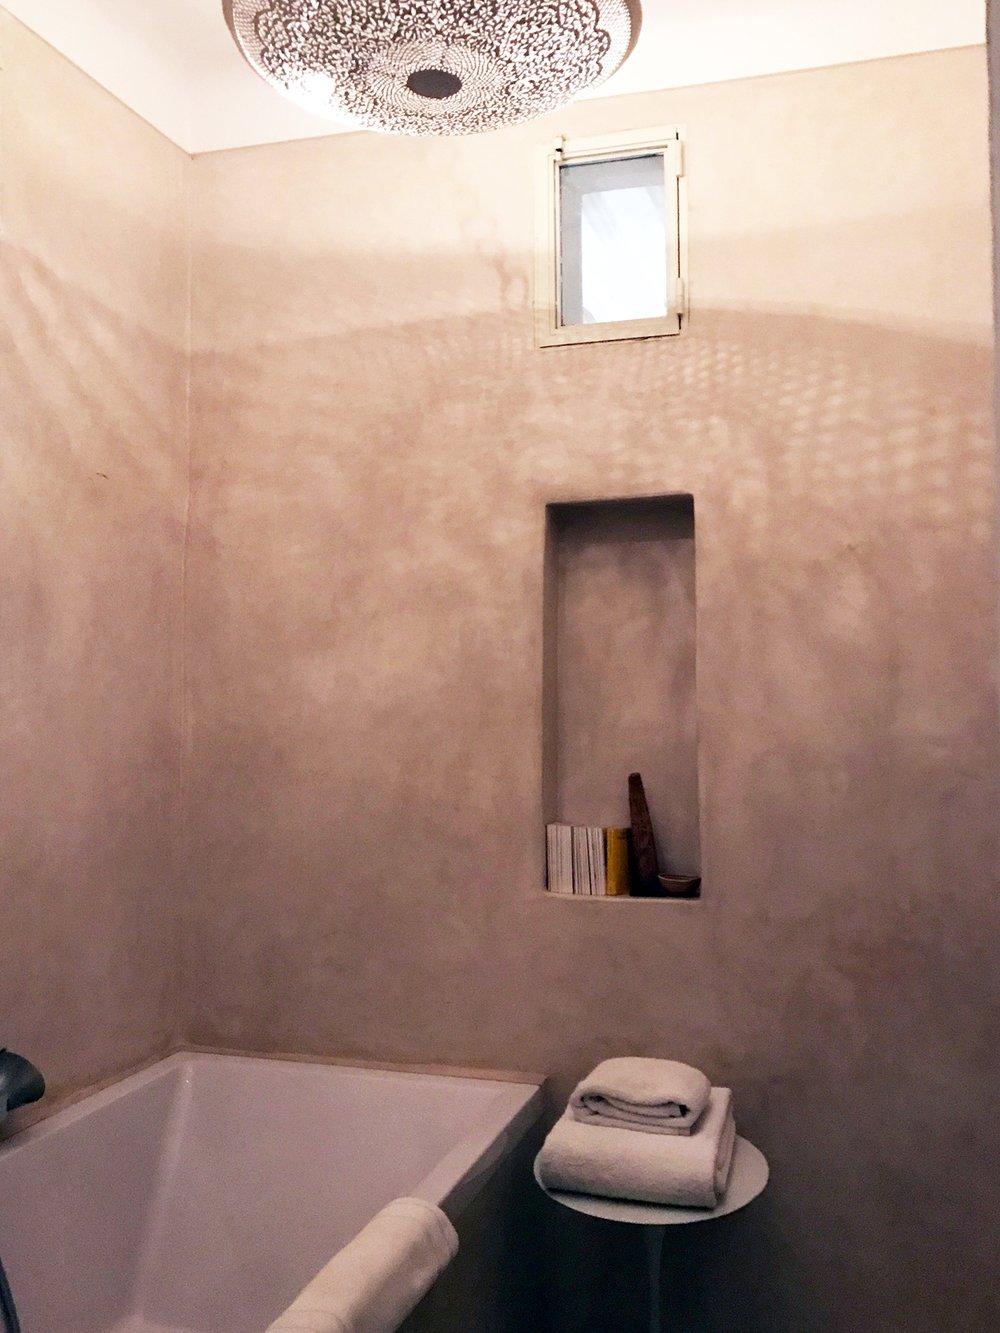 marrakesh-riad-be-mena-bathroom-tan.jpg